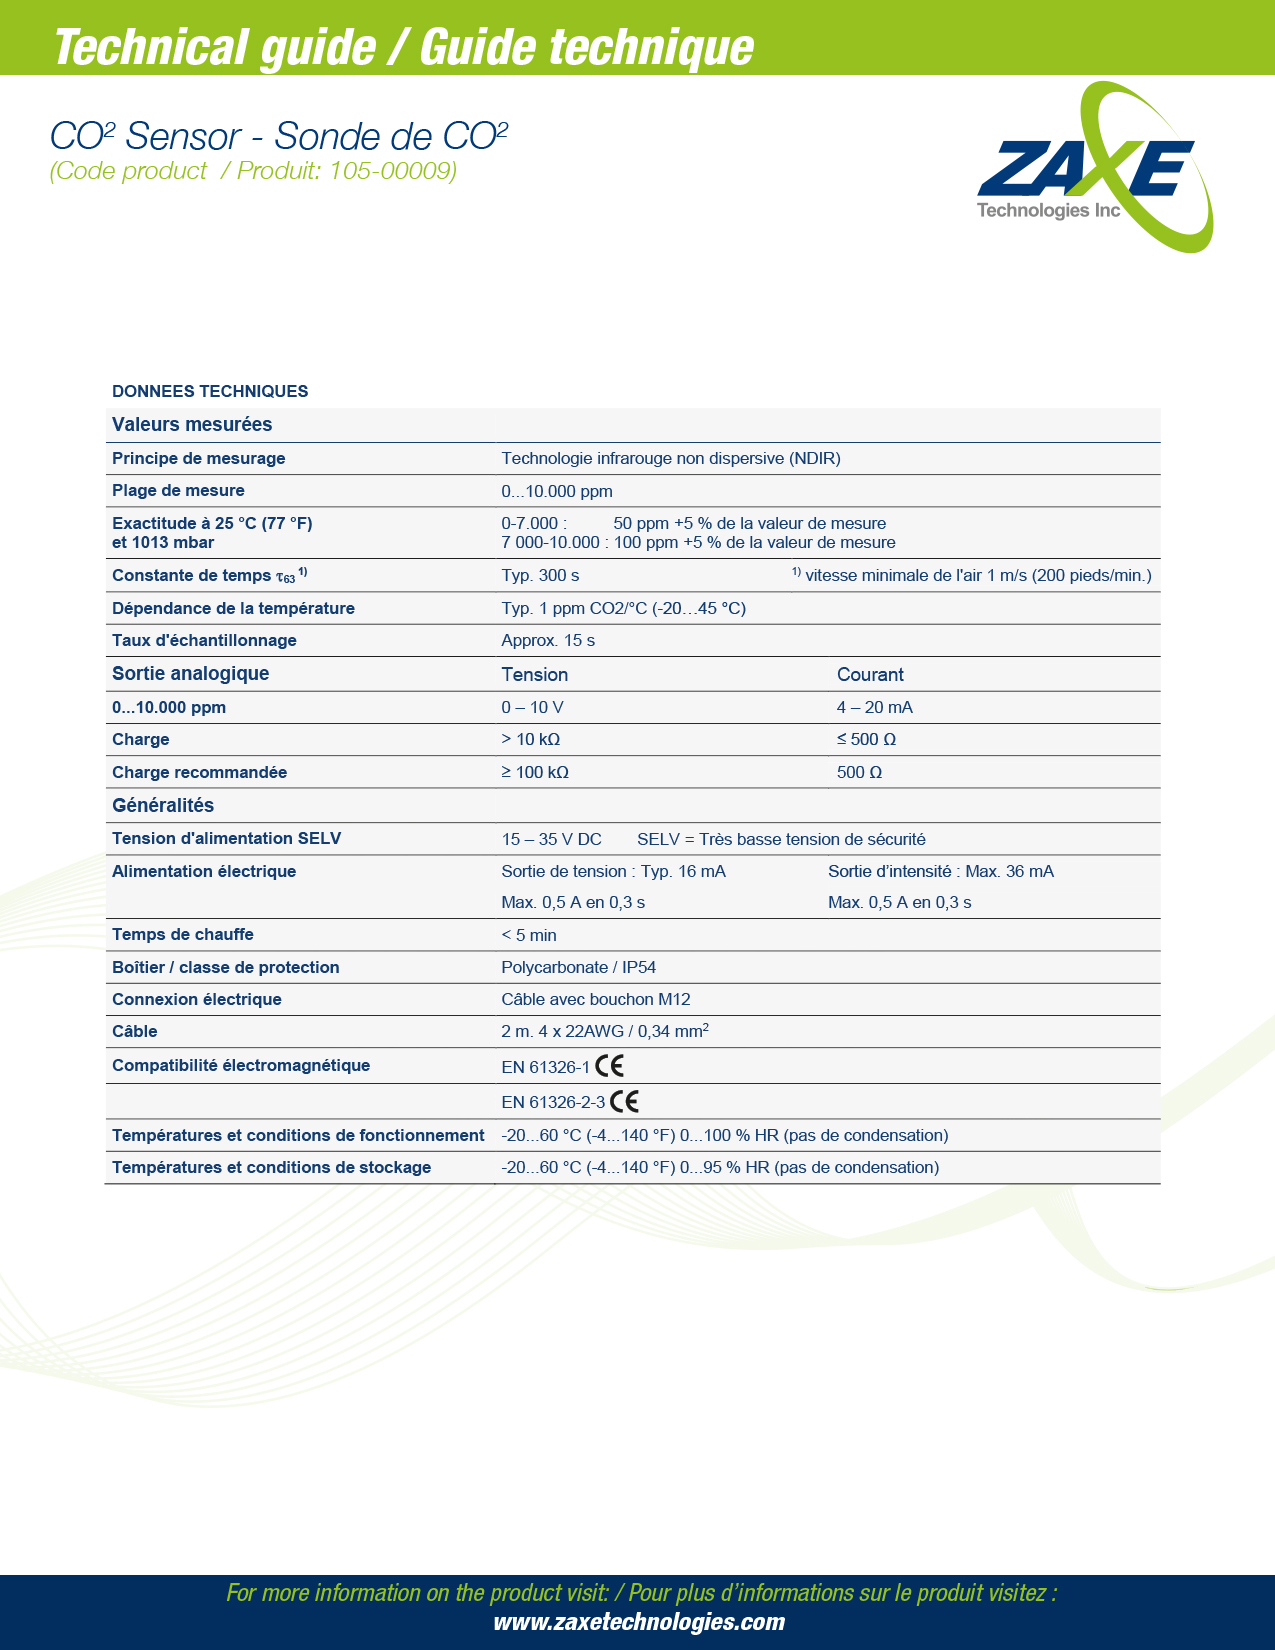 Sonde de CO2